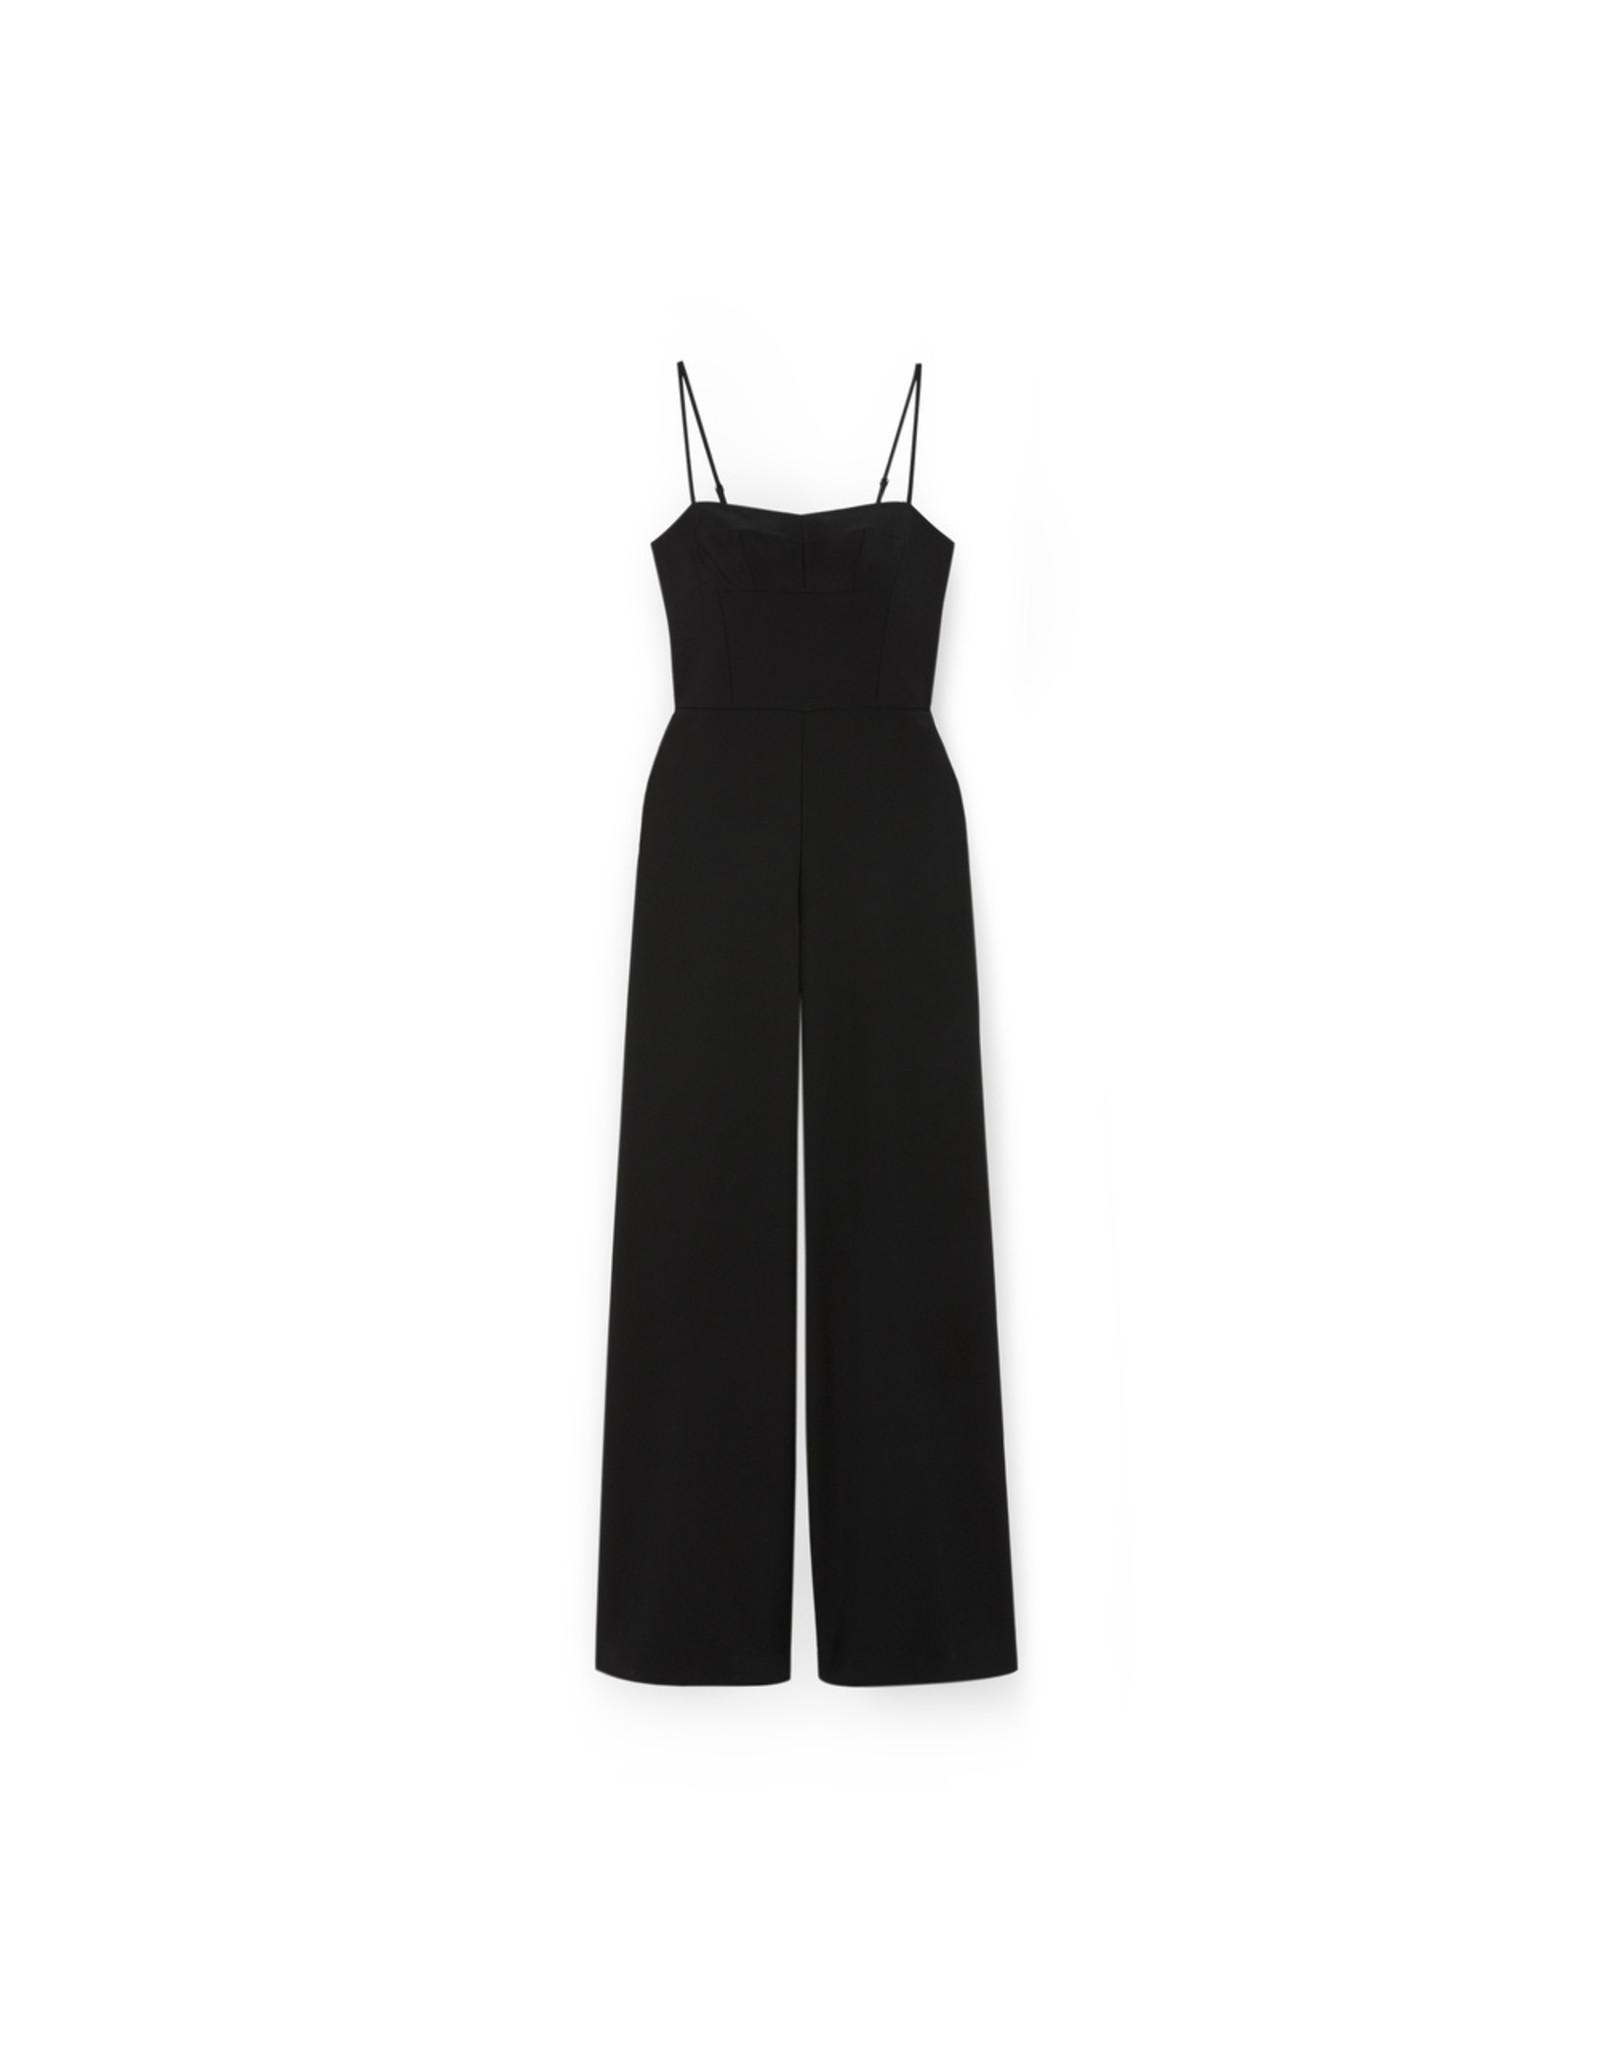 G. Label Brianna Bustier Jumpsuit (Color: Black, Size 4)